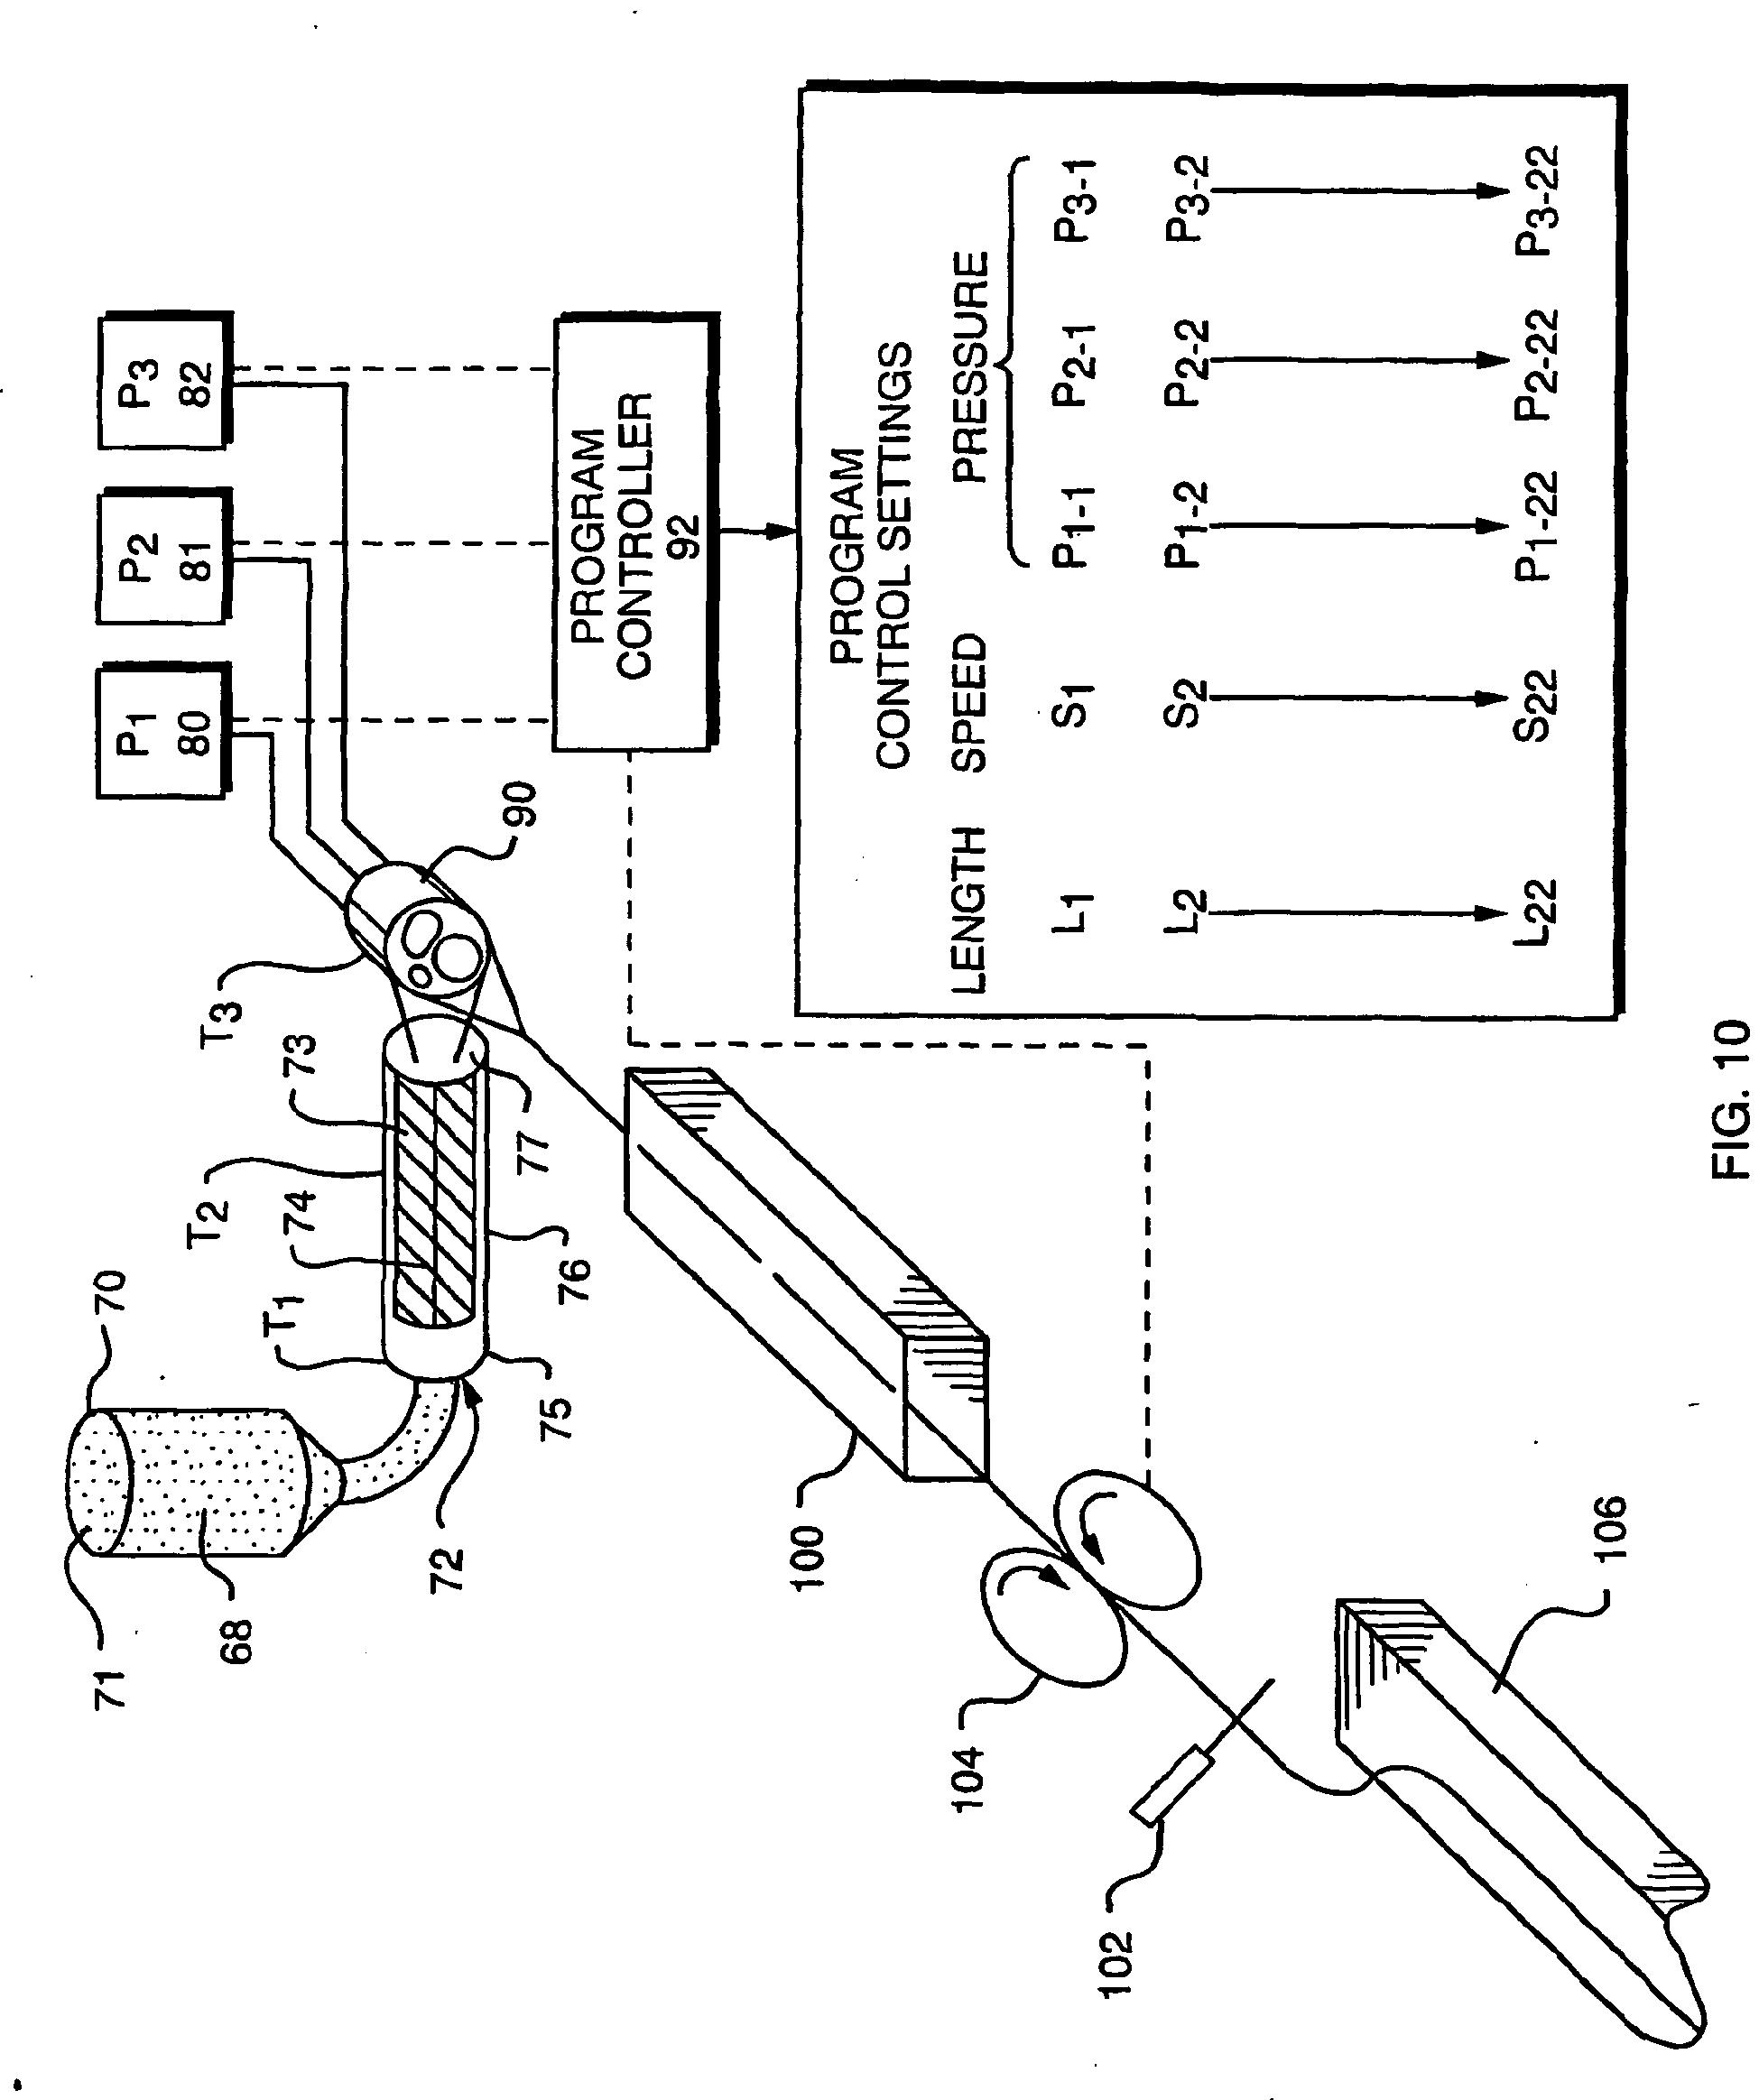 patent ep1251899b1 ballonkatheter mit drei lumen zum. Black Bedroom Furniture Sets. Home Design Ideas